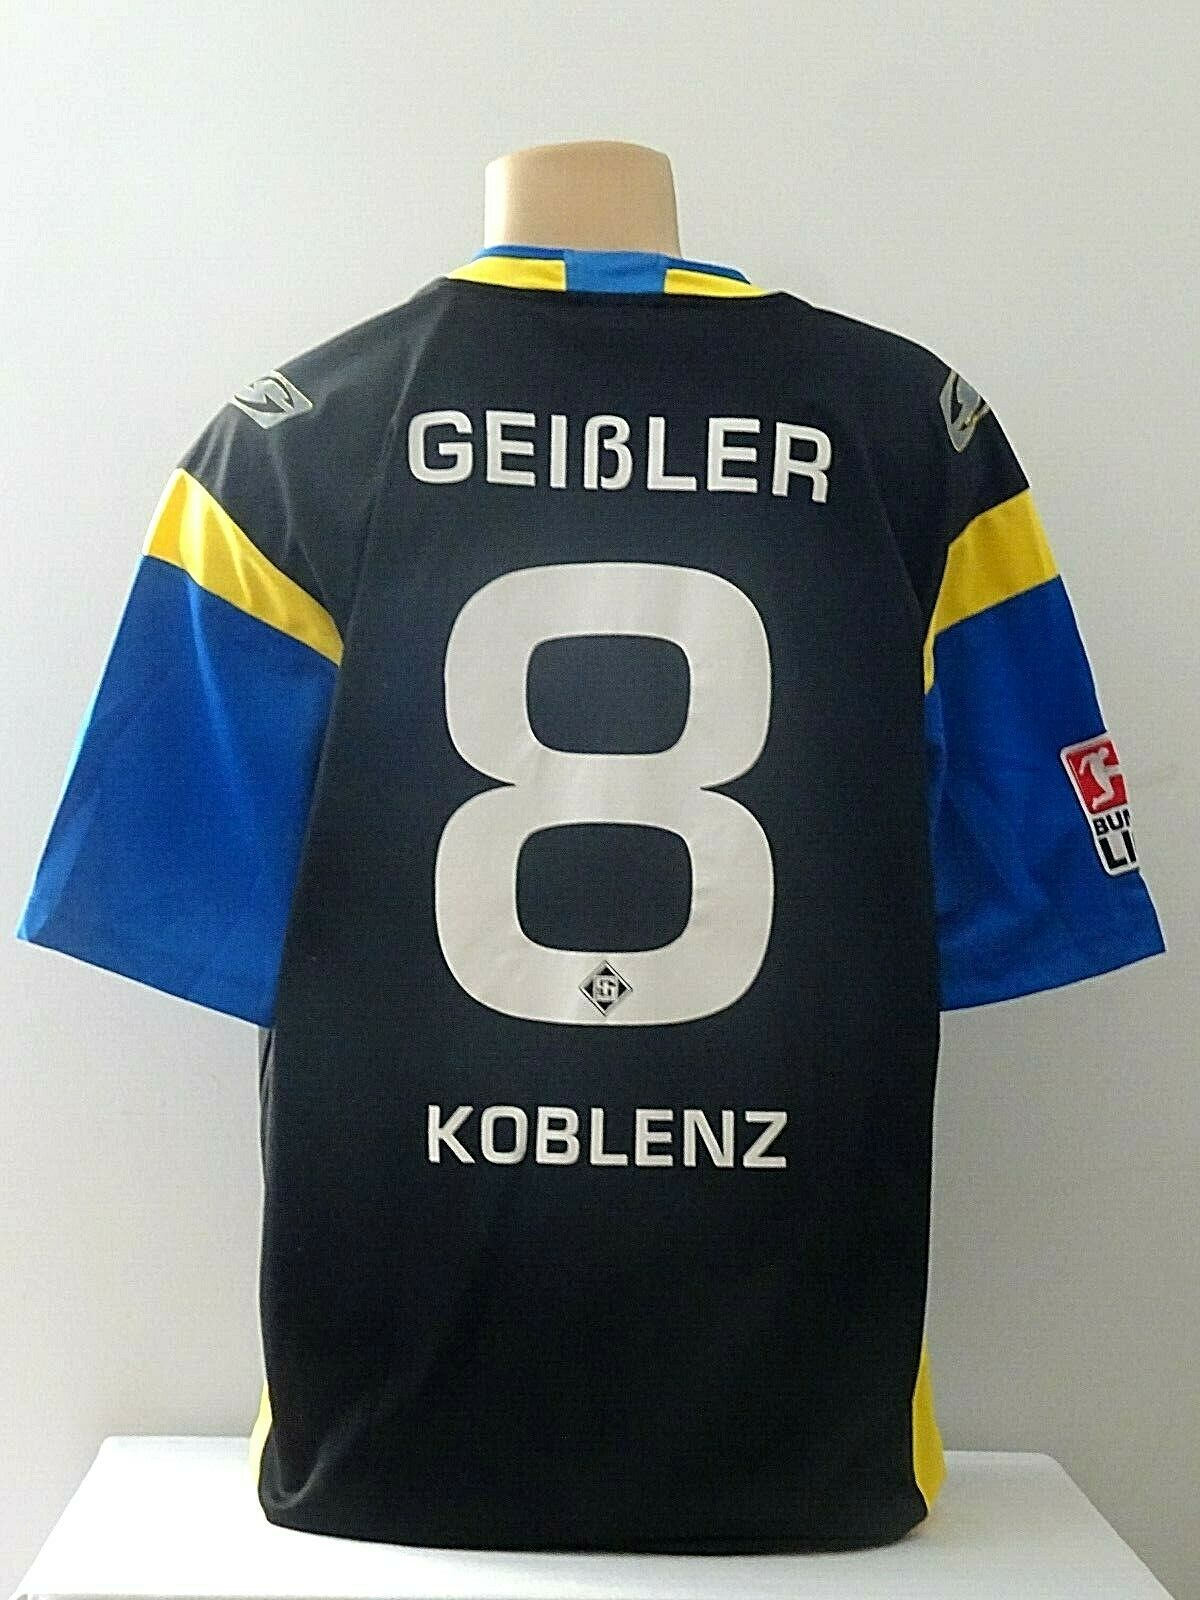 Tus Koblenz Trikot